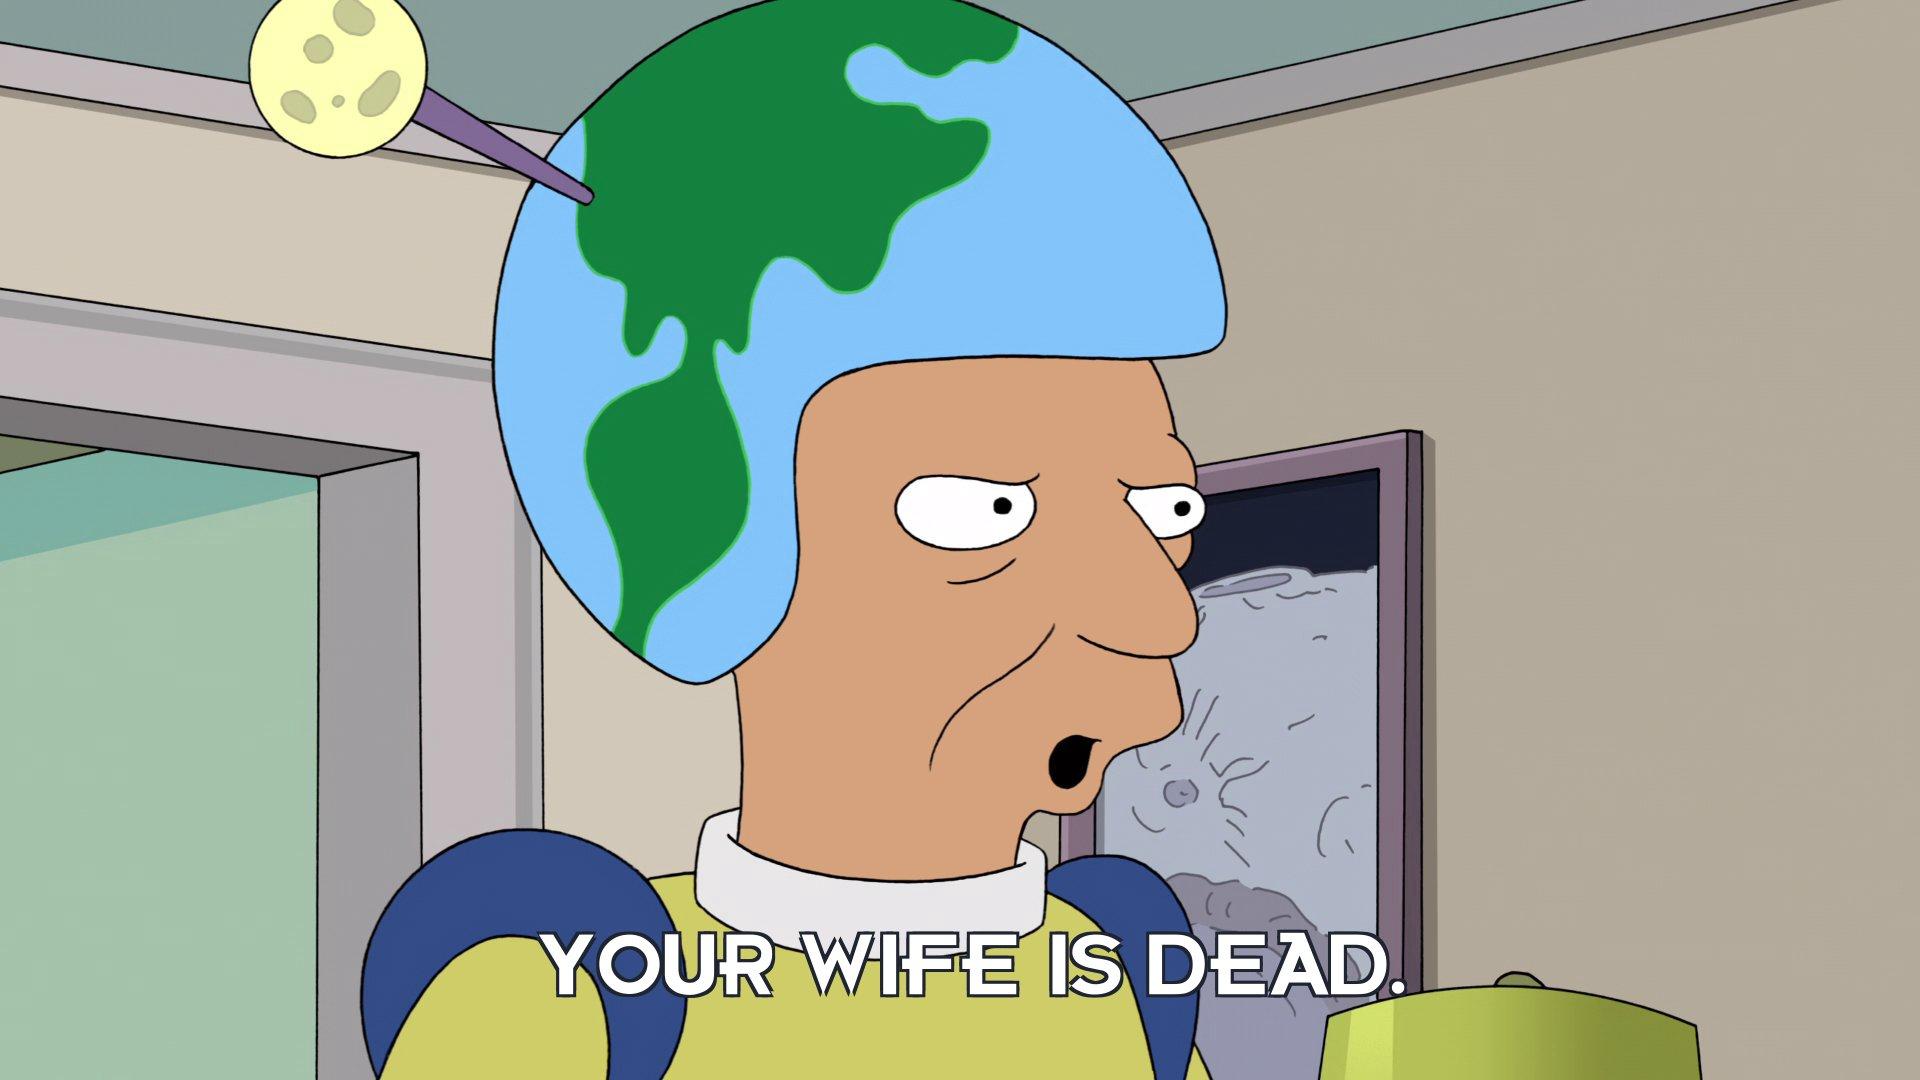 Moon Patrolman: Your wife is dead.